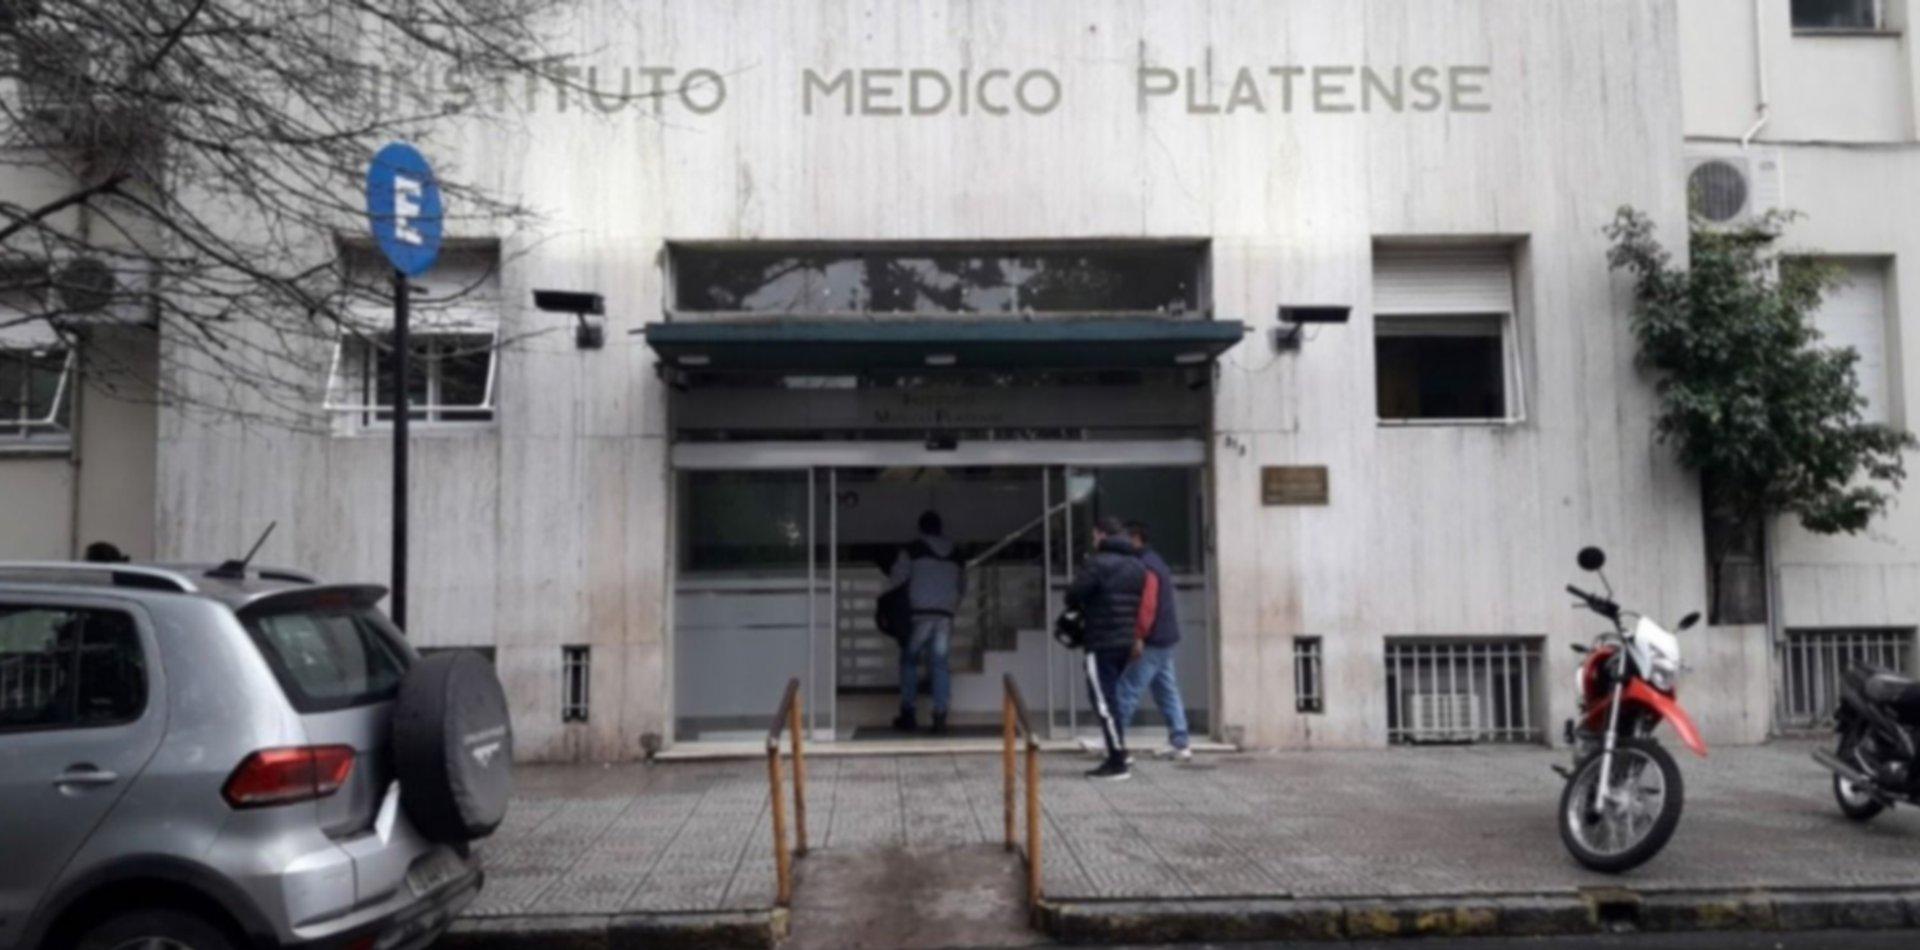 El Instituto Médico Platense lanzó una oferta laboral y busca personal  administrativo   0221